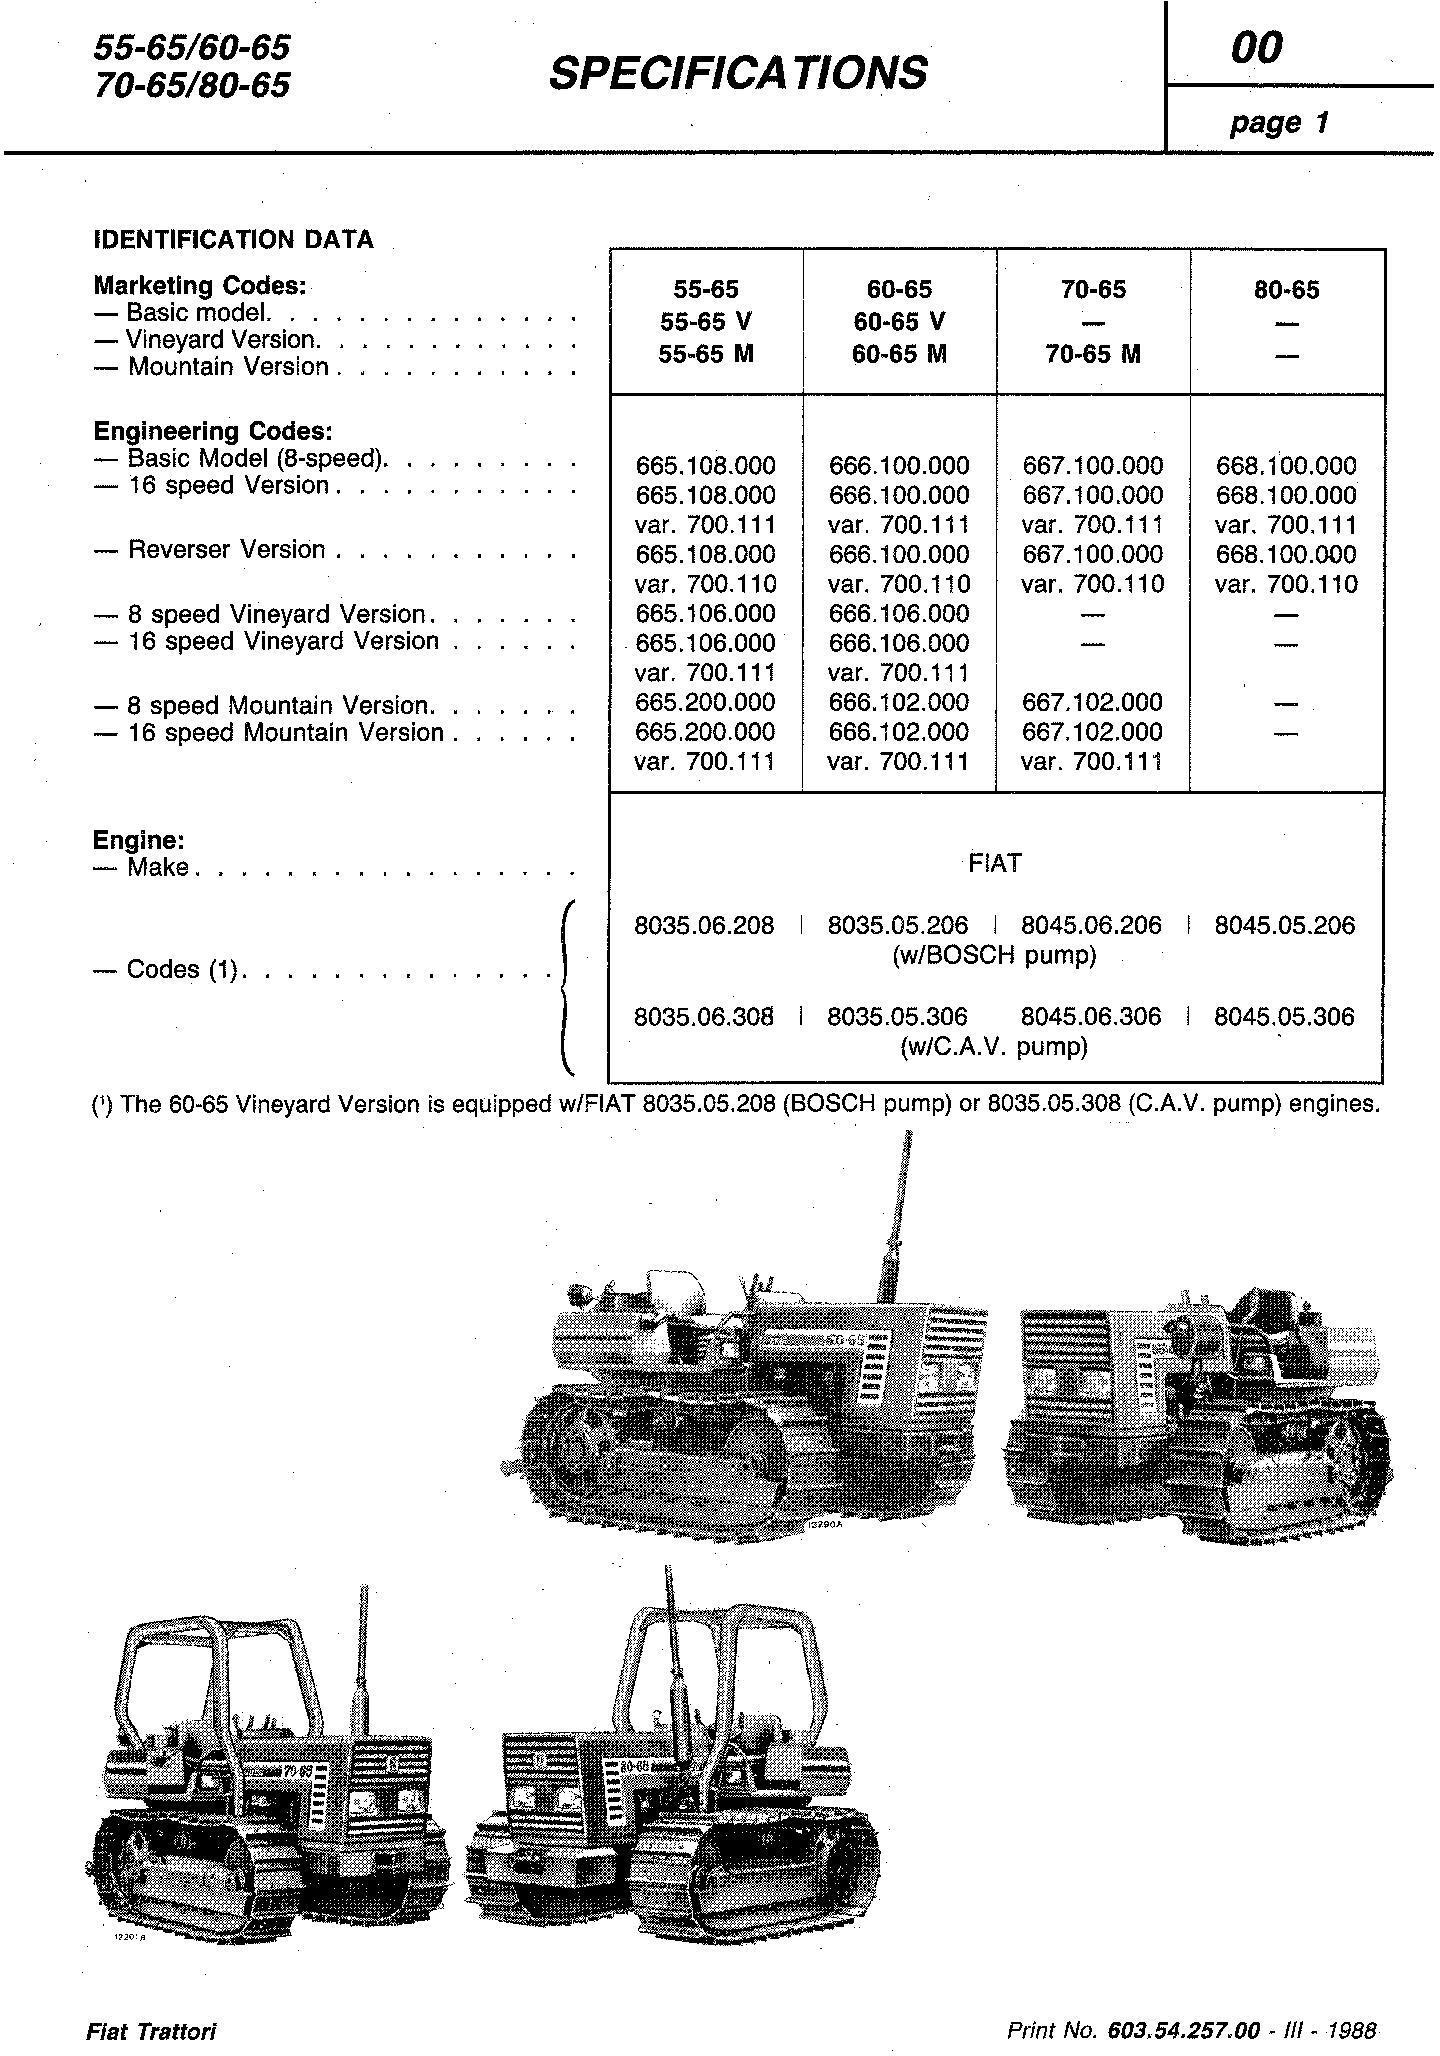 Fiat 55-65, 60-65, 70-65, 80-65, 465C, 565C, 665C, 765C Crawler Tractor Service Manual (6035425700) - 1